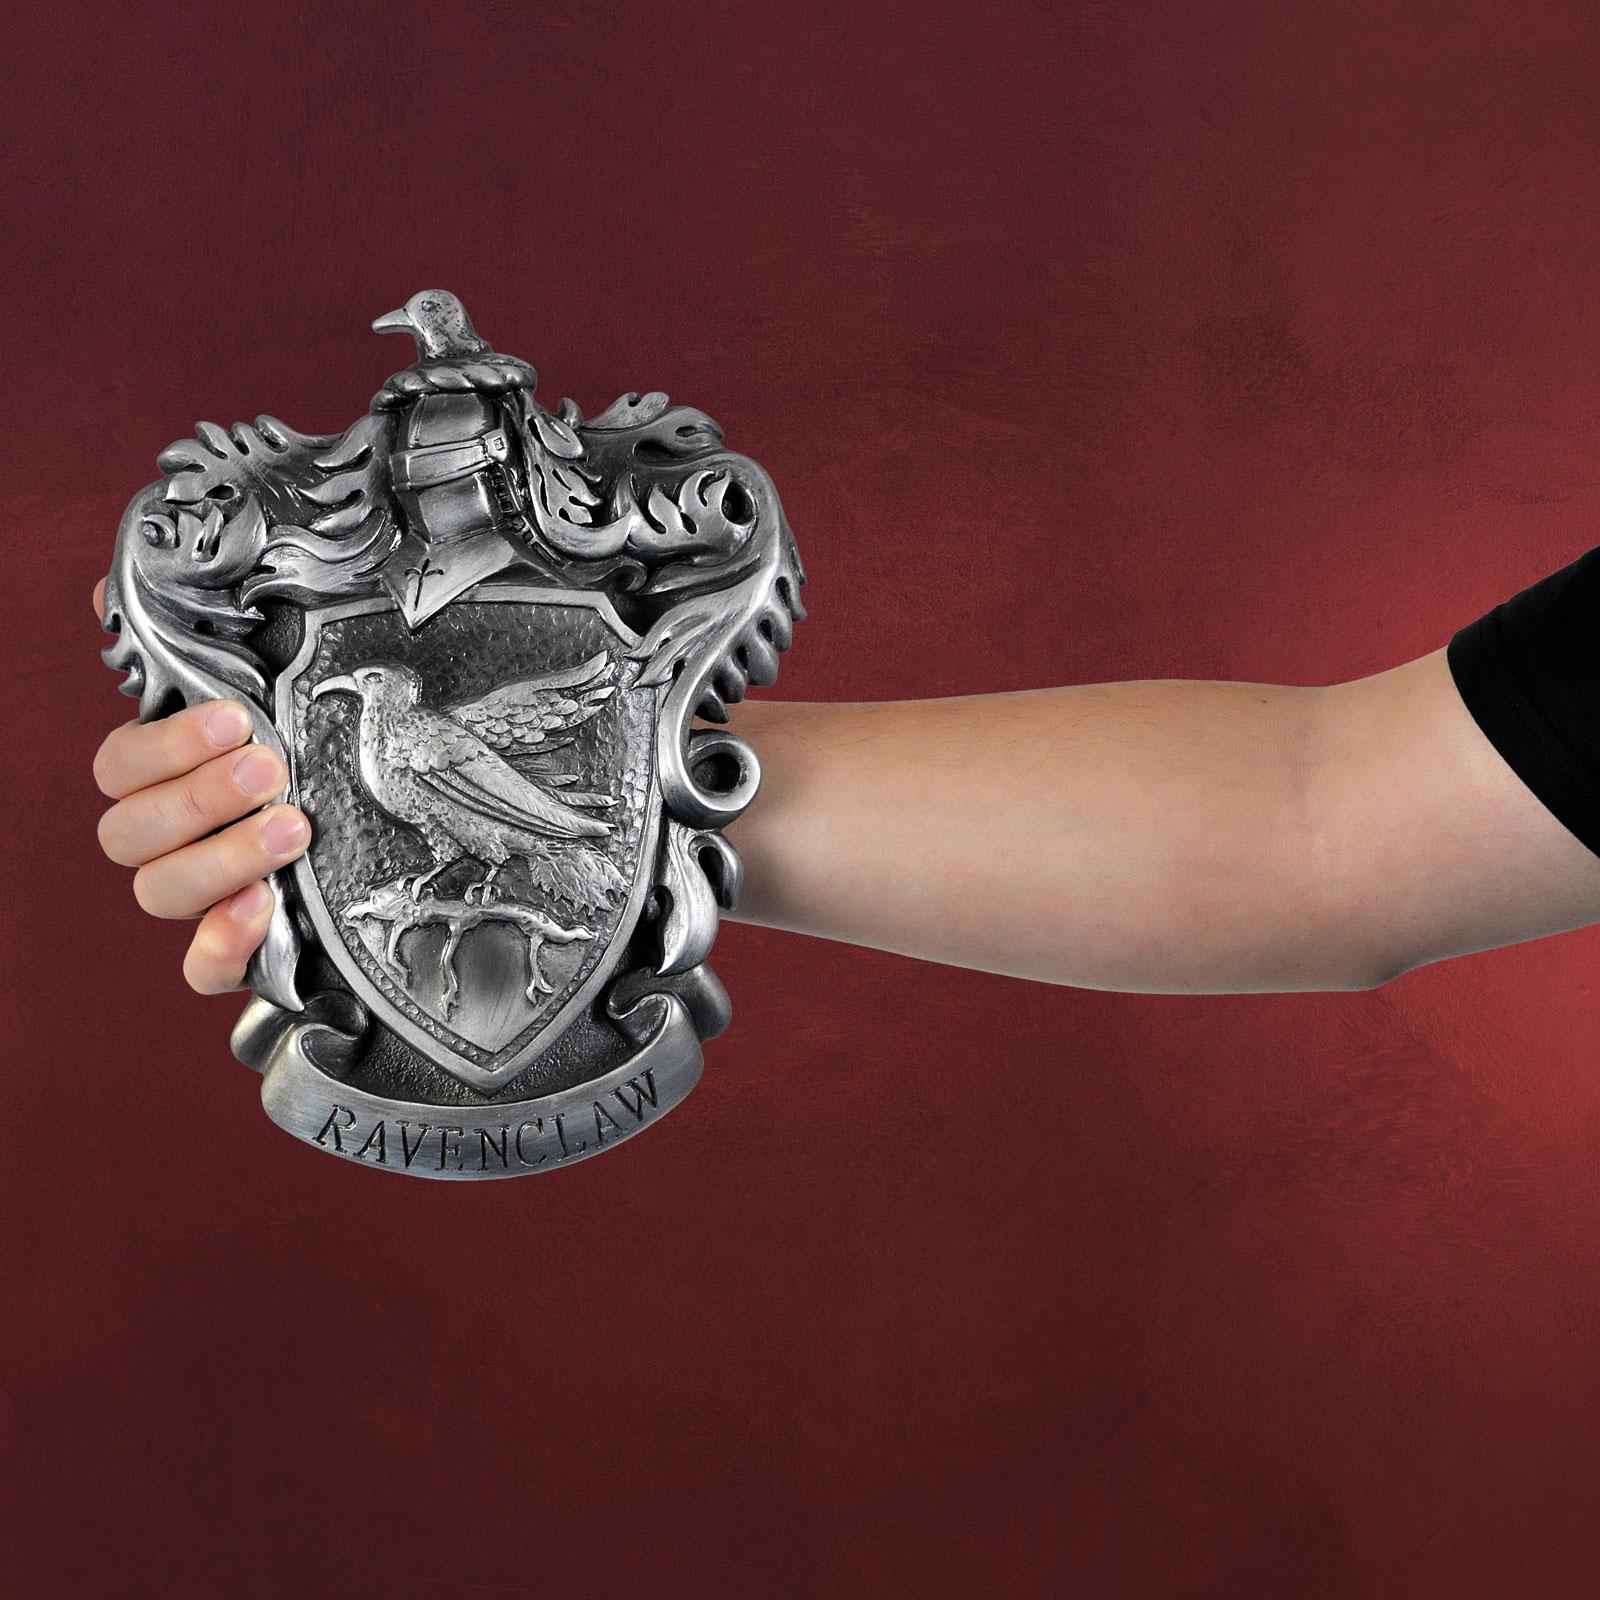 harry potter ravenclaw stemma immagine muro decorazione per hogwarts tifosi ebay. Black Bedroom Furniture Sets. Home Design Ideas